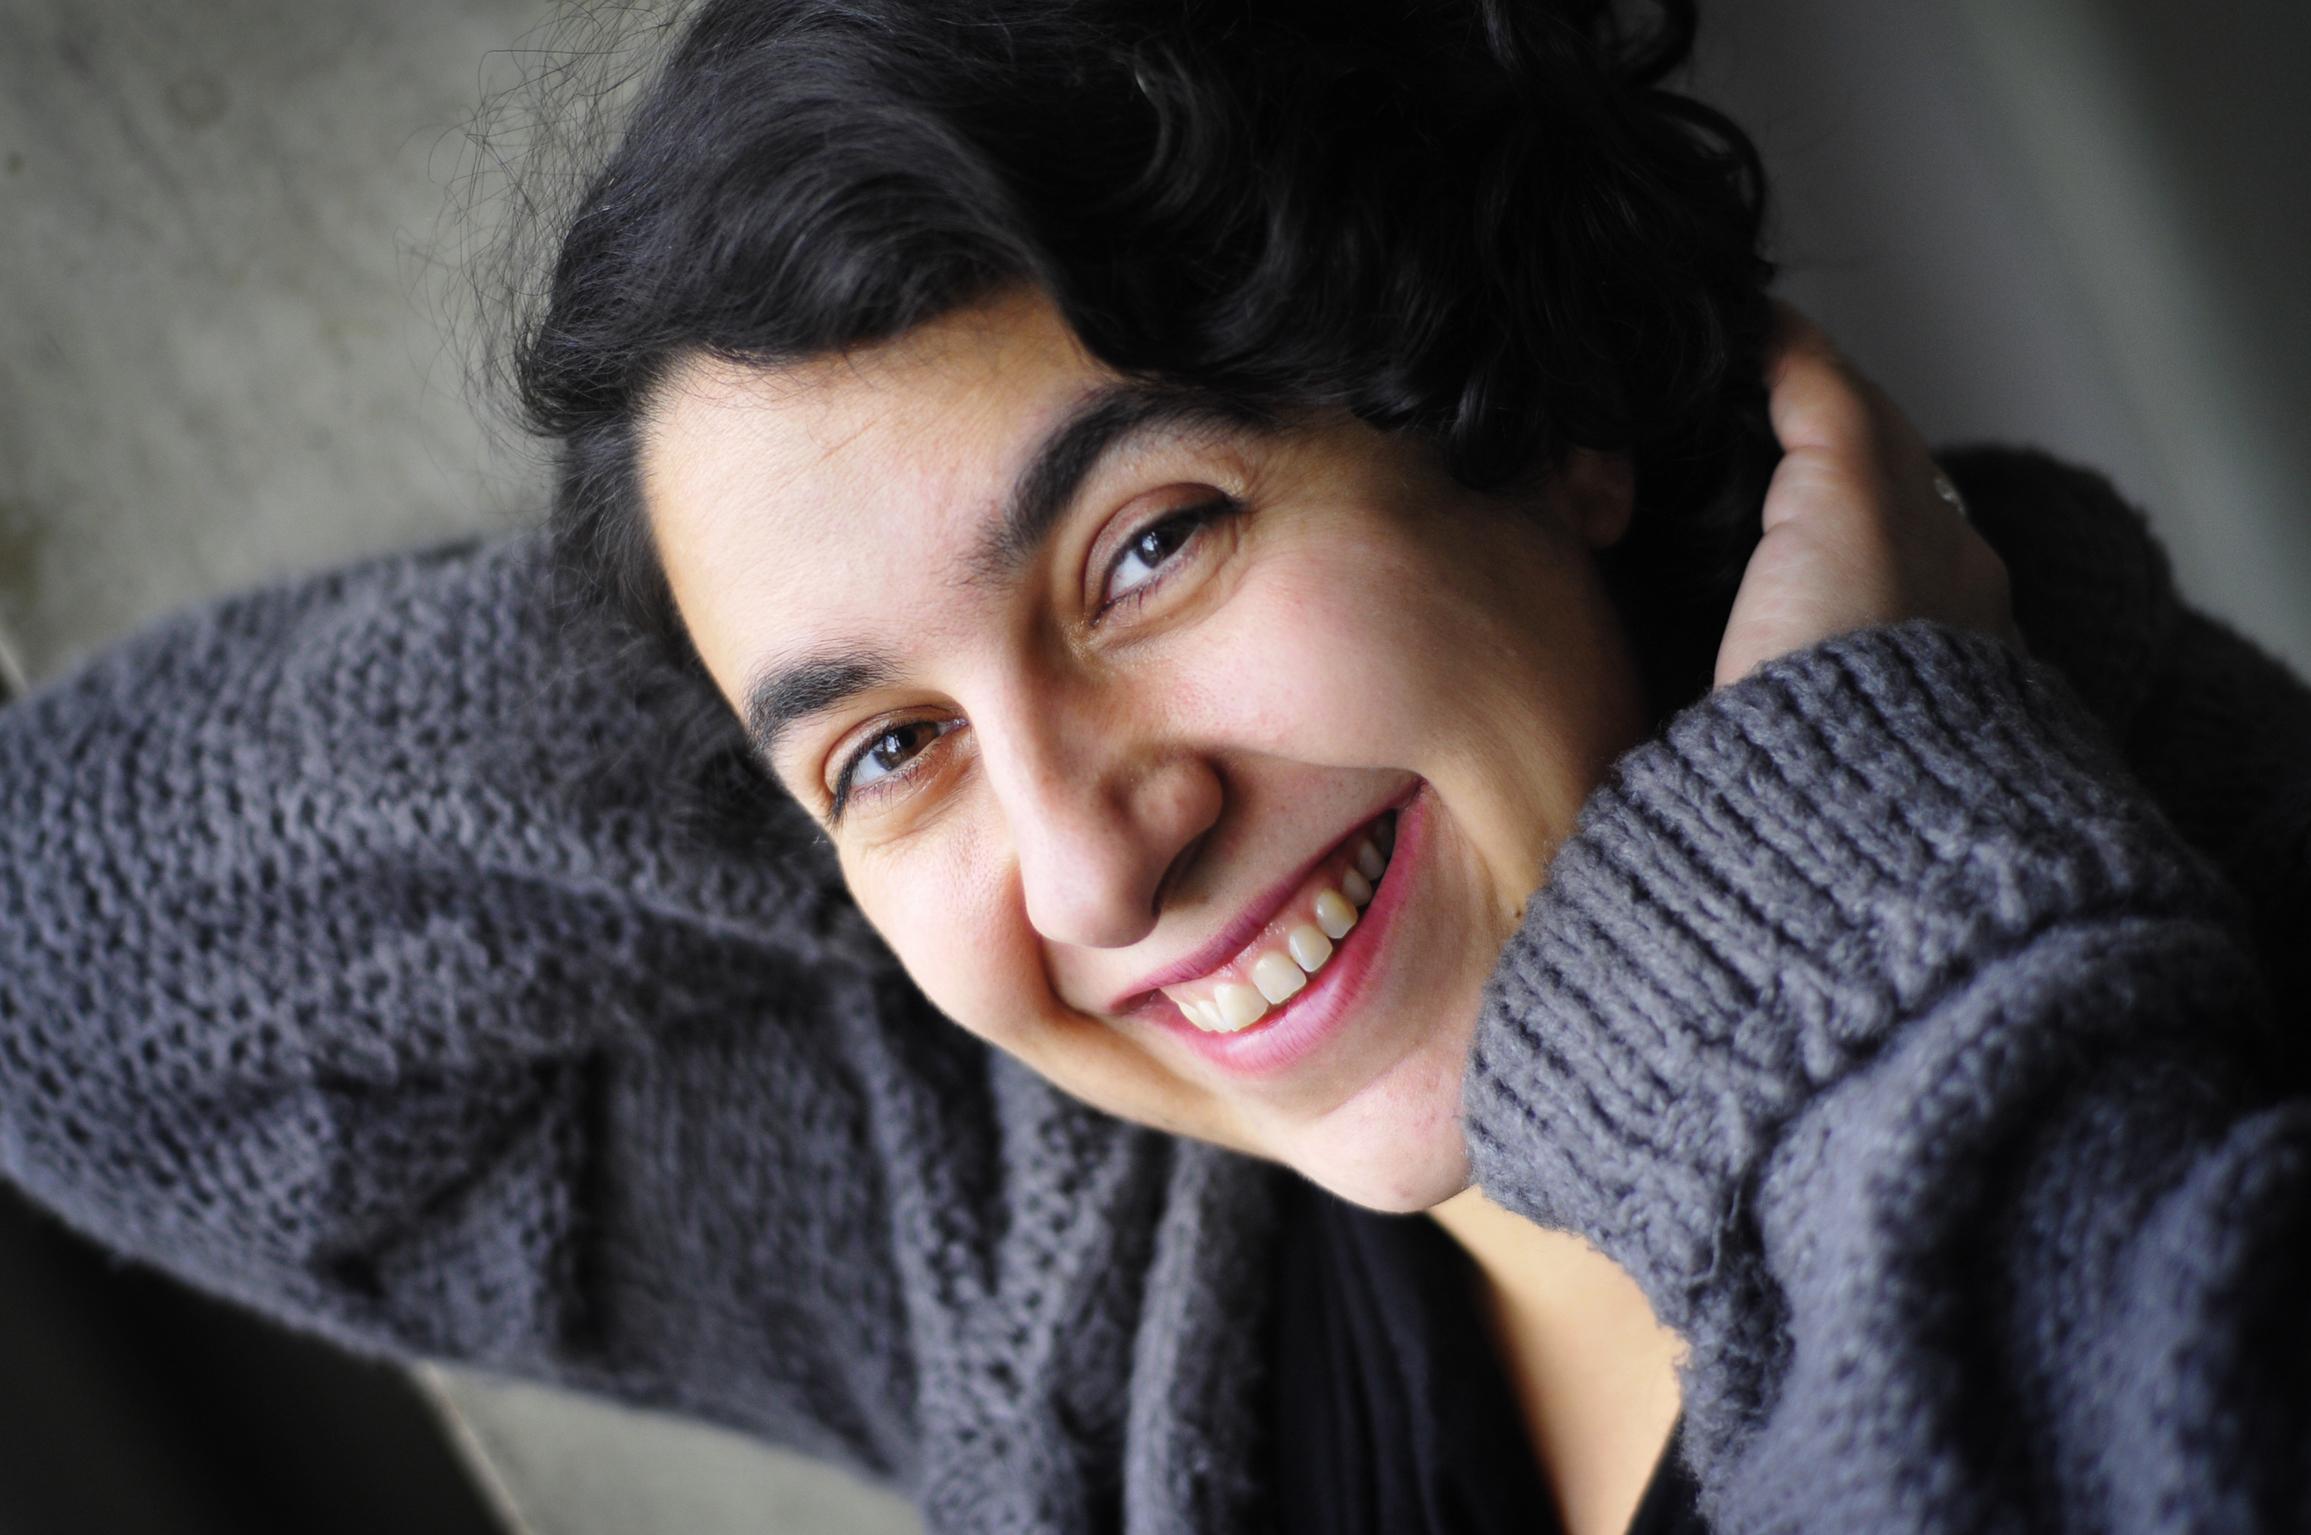 Iran, Flucht, Autorin, Mondmädchen, interkulturelle Literatur